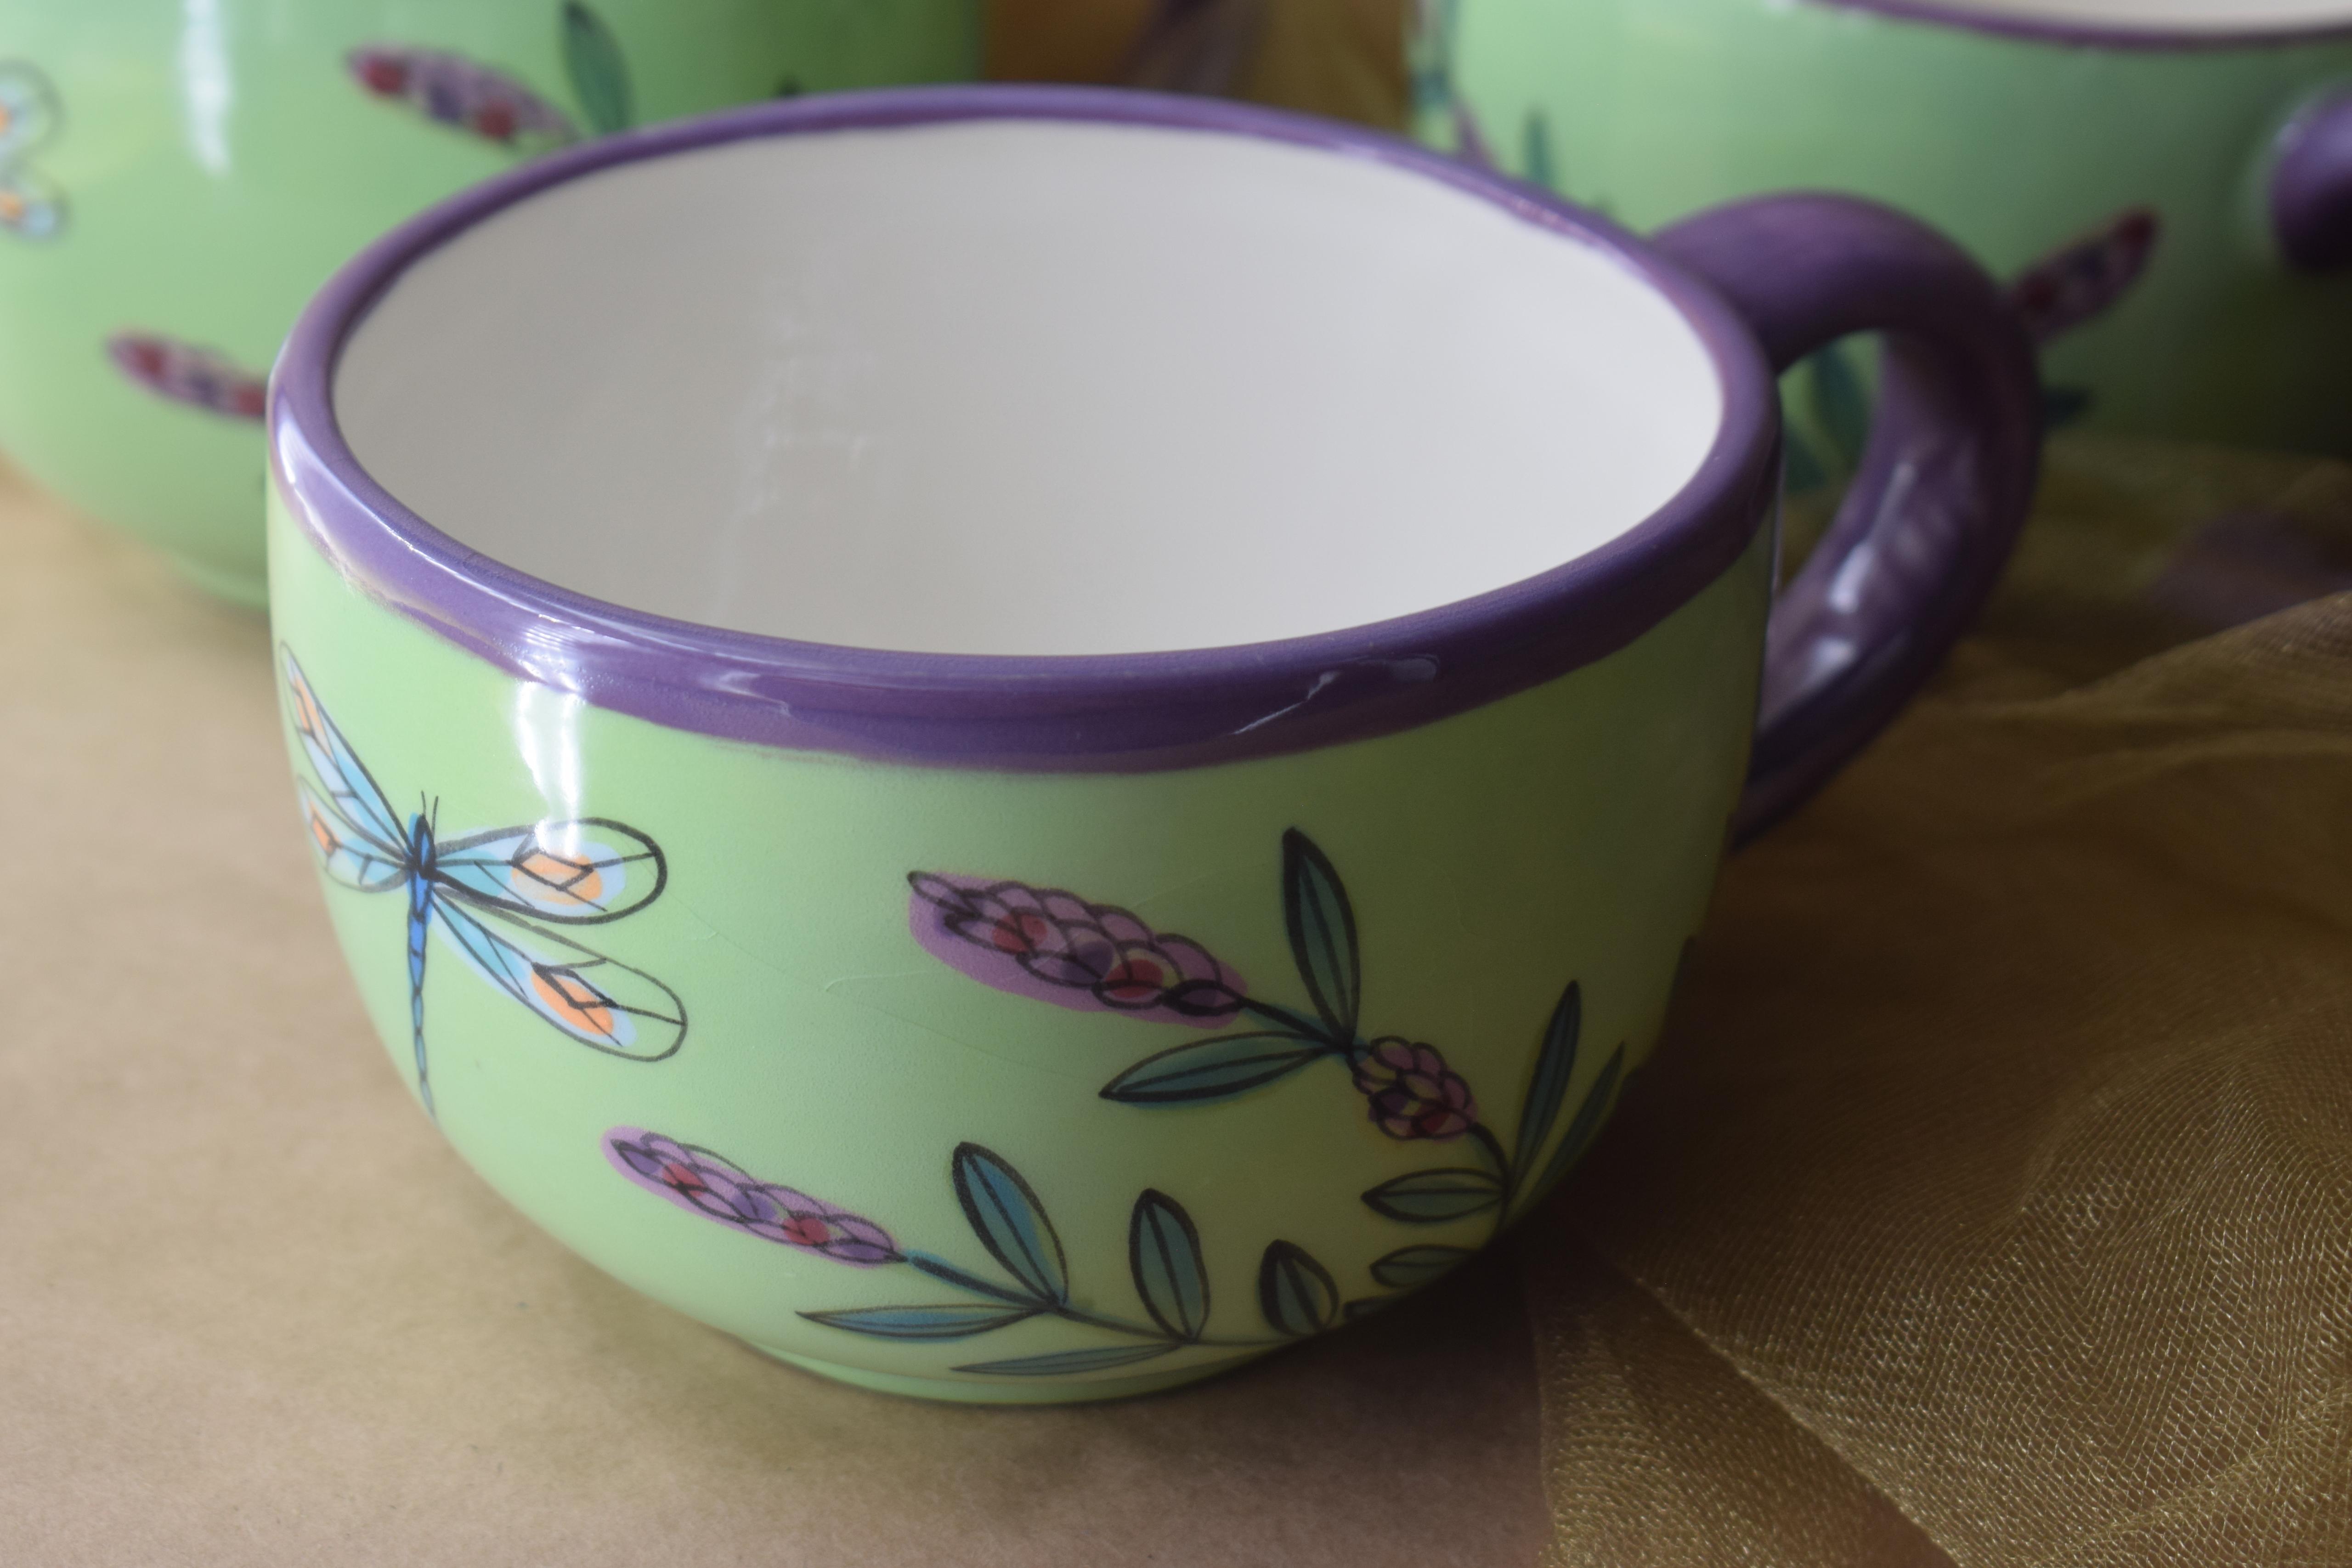 (LM16-GLD) 16oz. Latte Mug- Green Lavender with Dragonfly